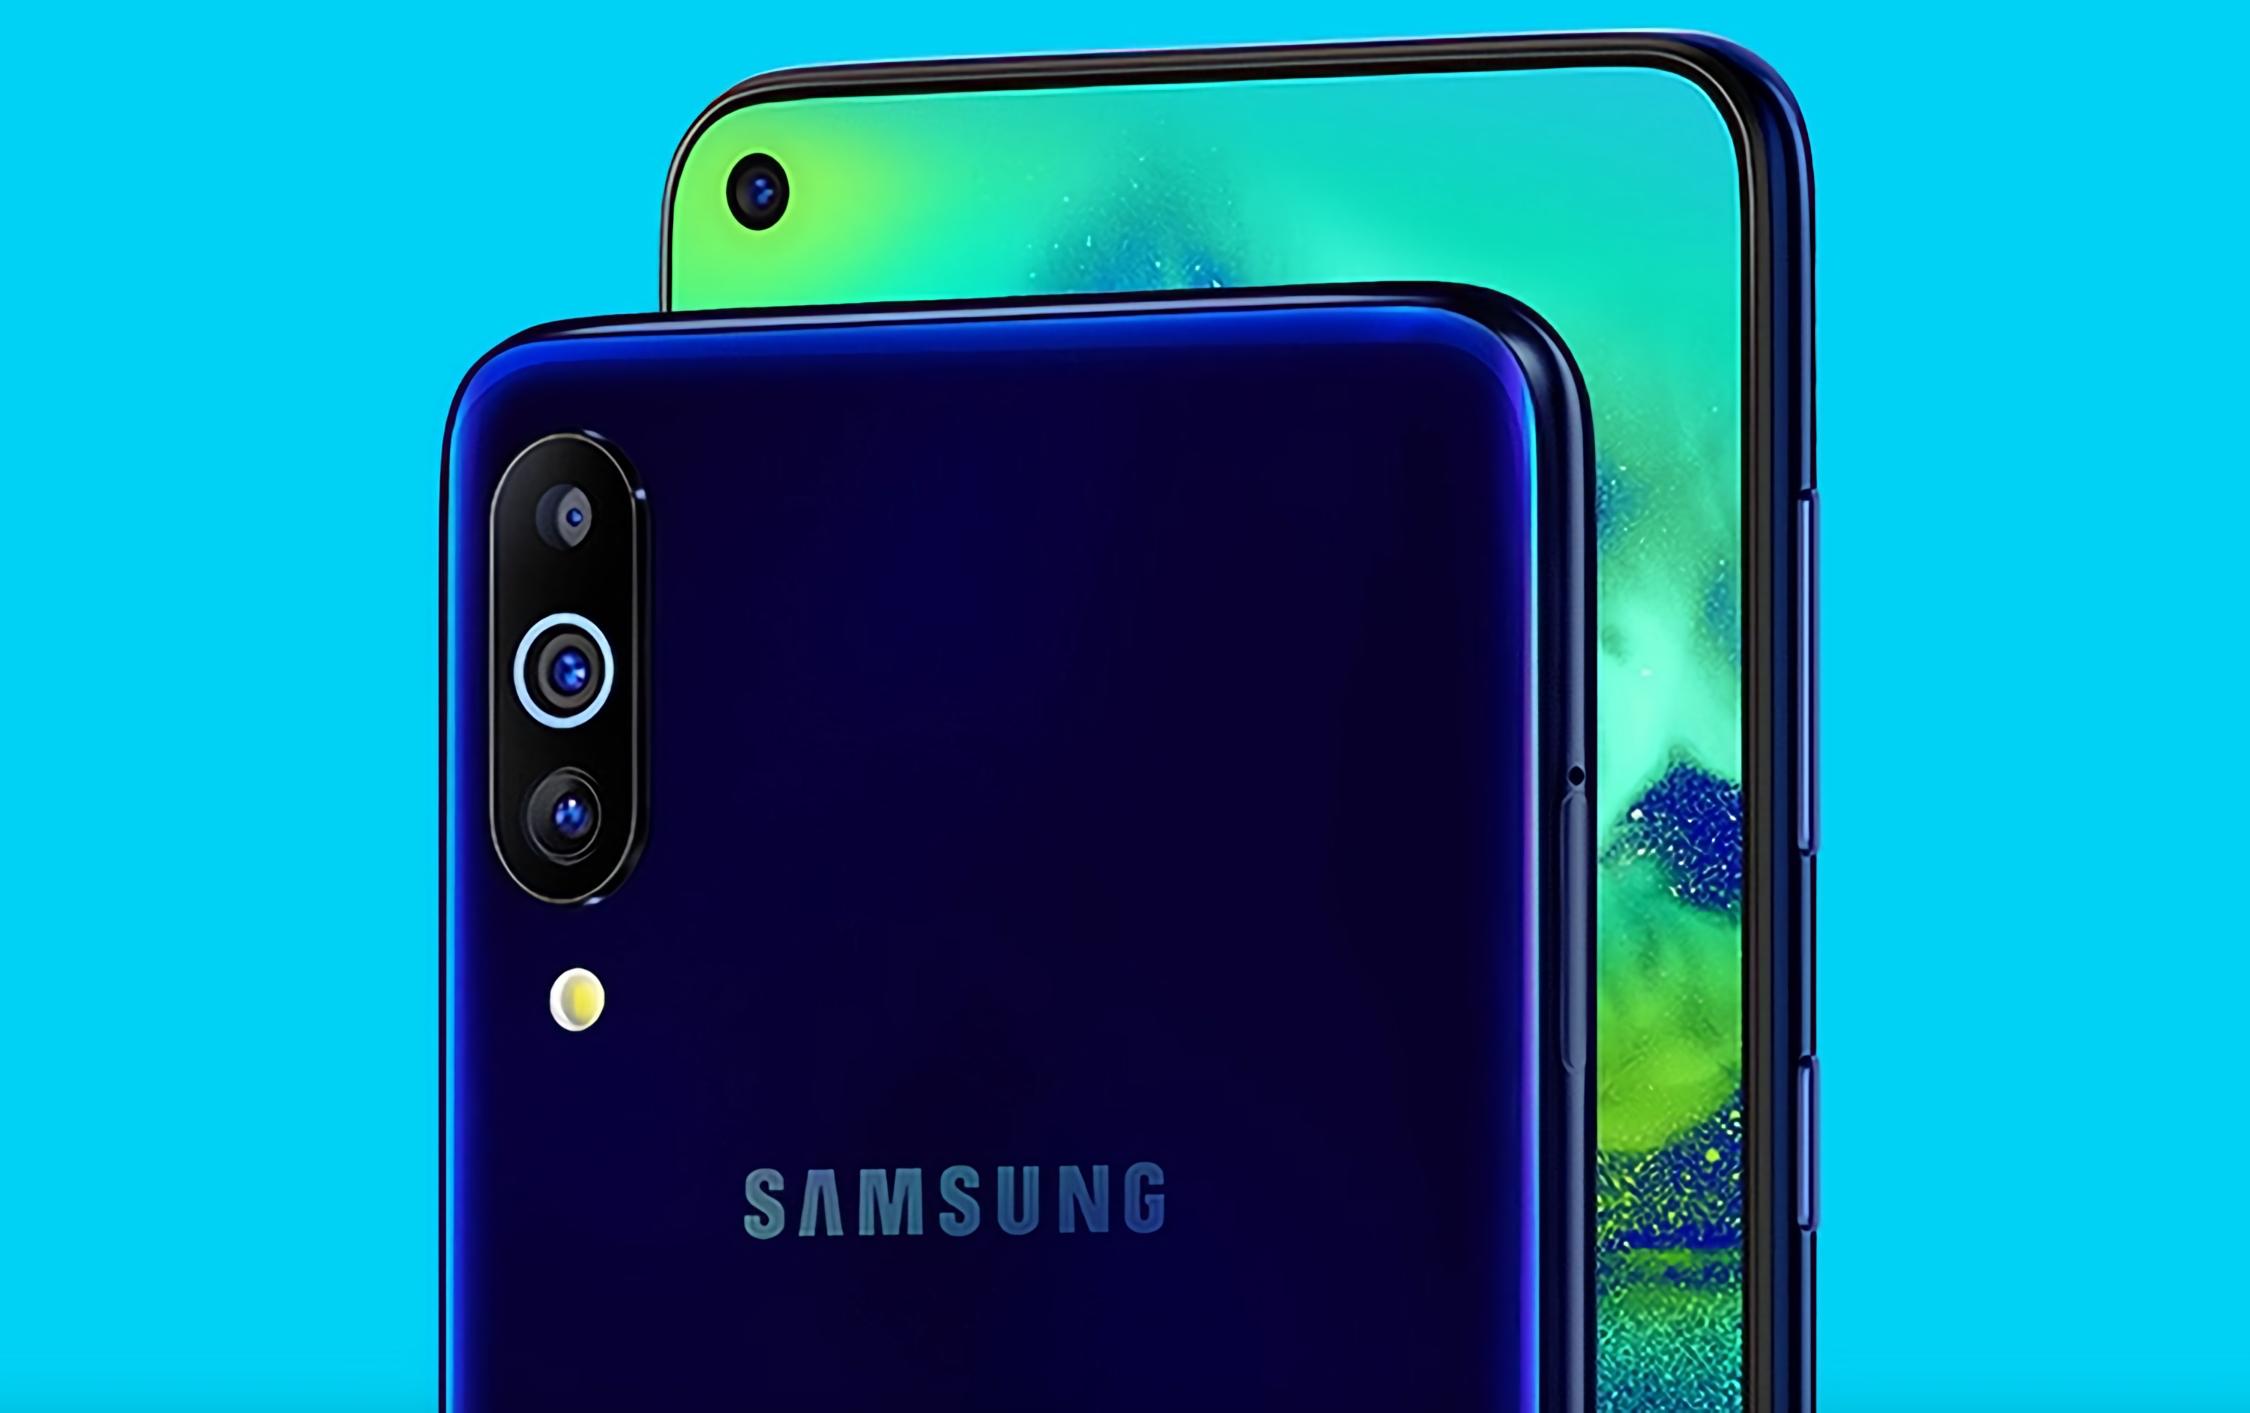 В сети появились характеристики и даты анонсов смартфонов Samsung Galaxy M31s и Galaxy M51